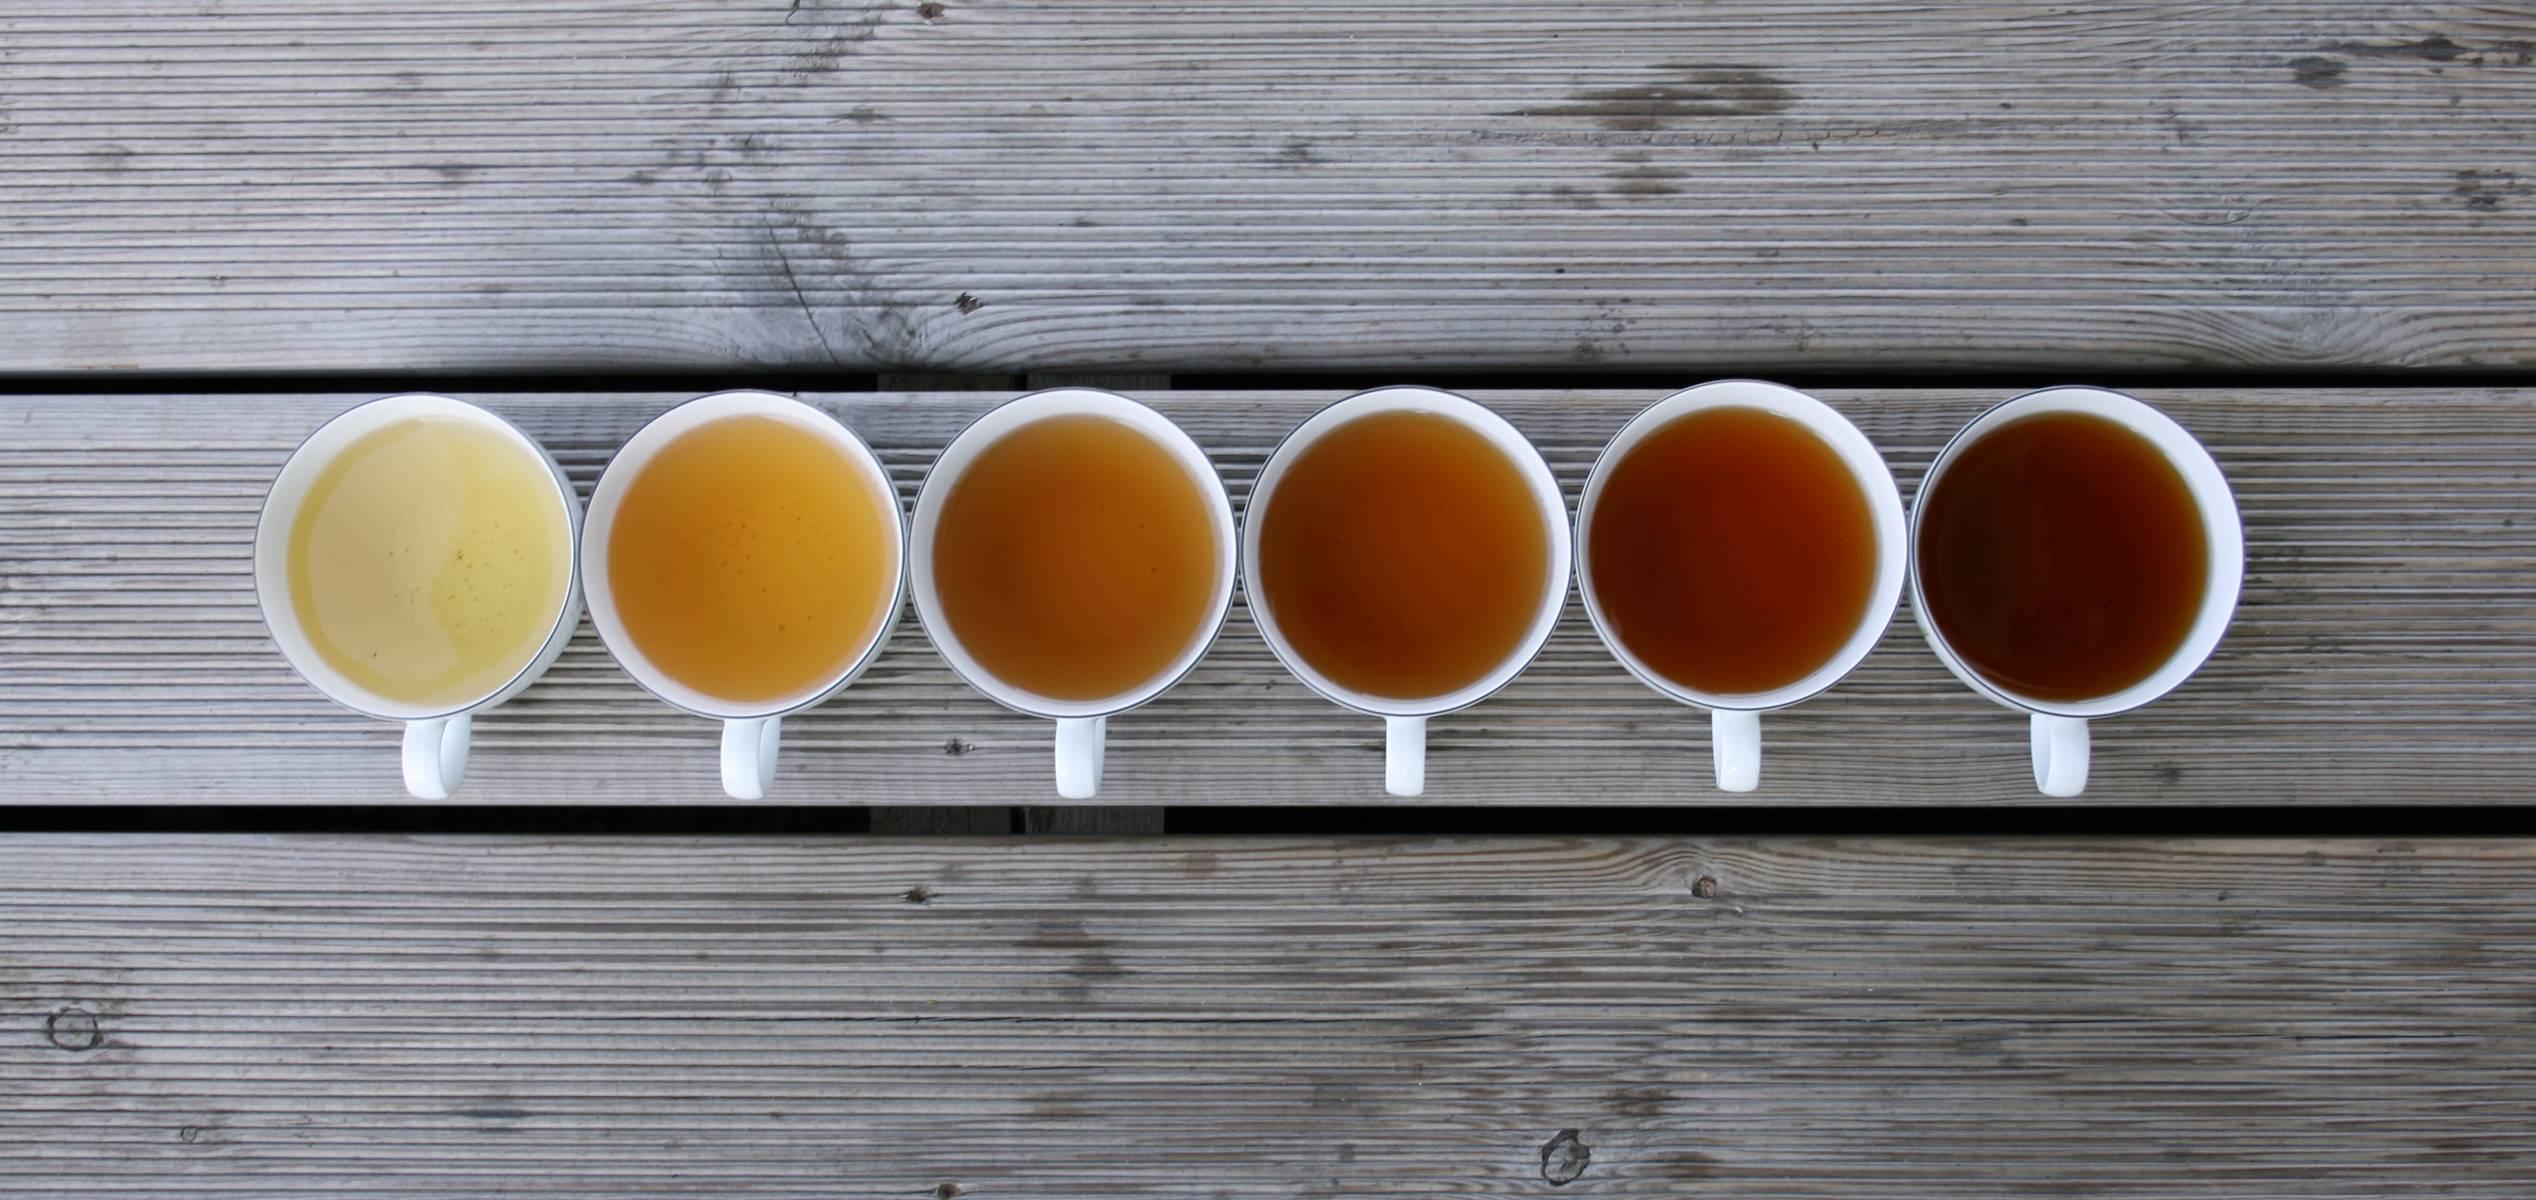 vintage-mug-tea-photos-wood-texture